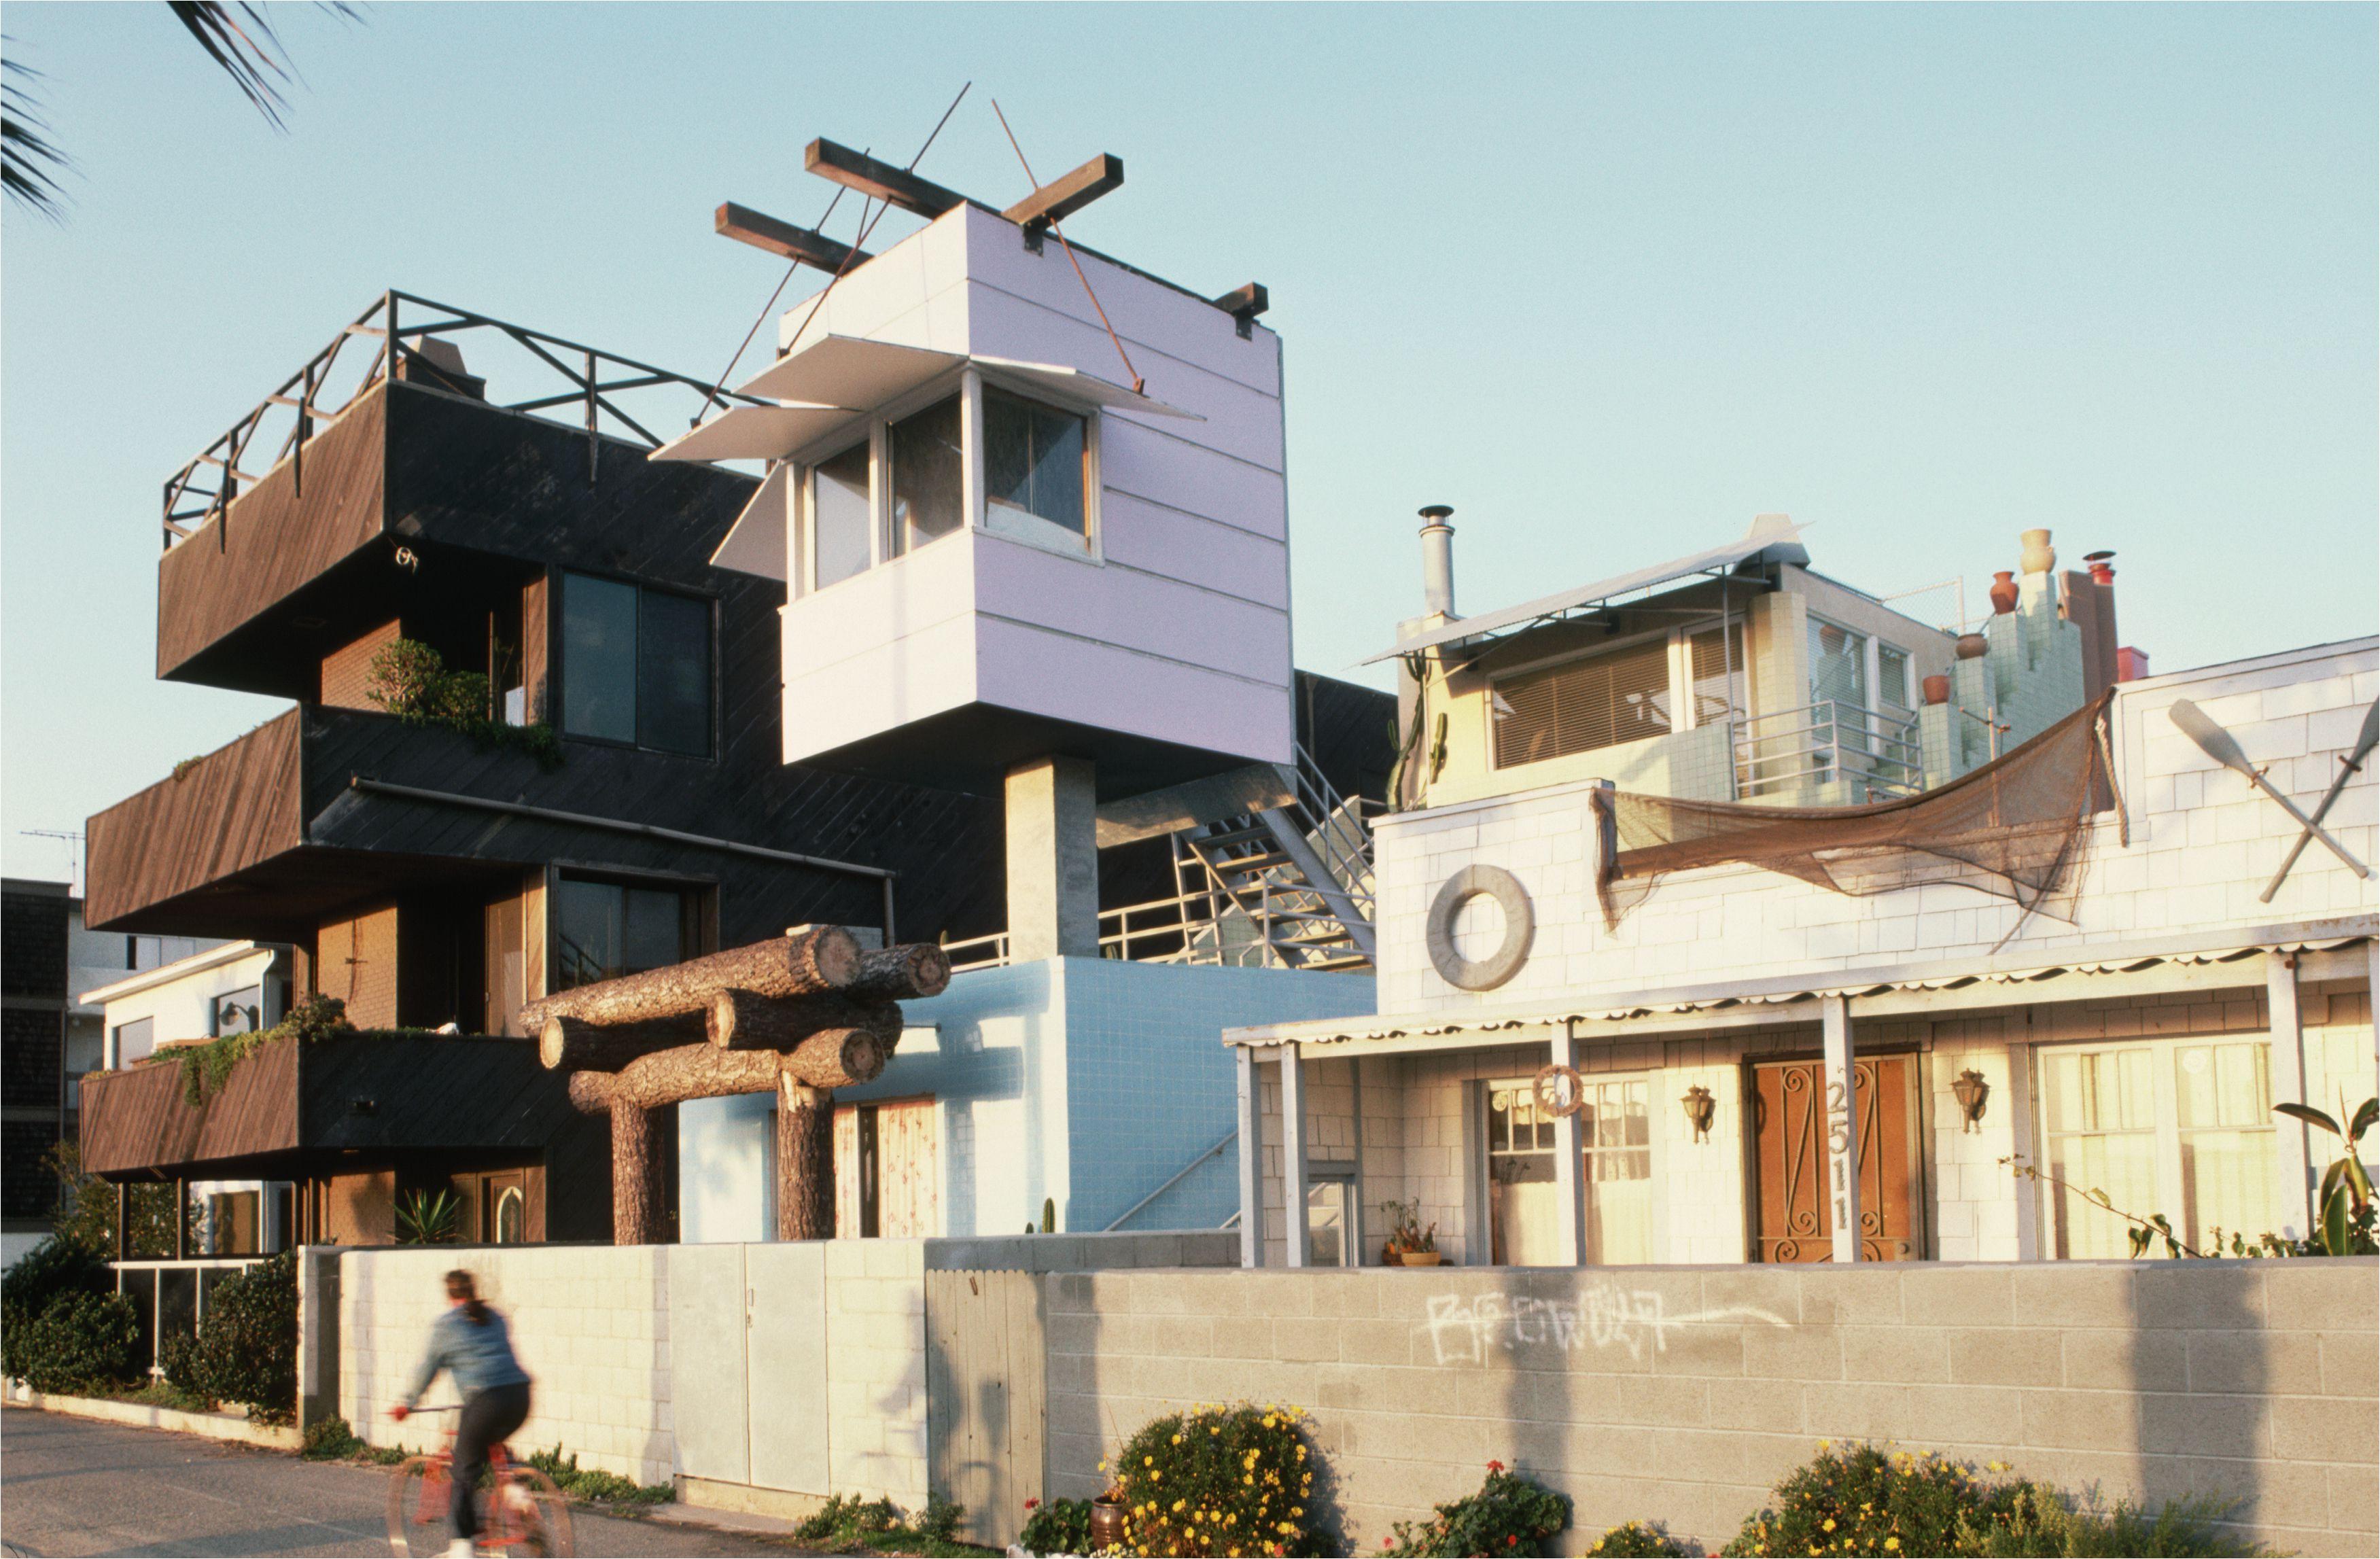 venice beach house by frank gehry 521882686 587157d25f9b584db30c79b3 jpg